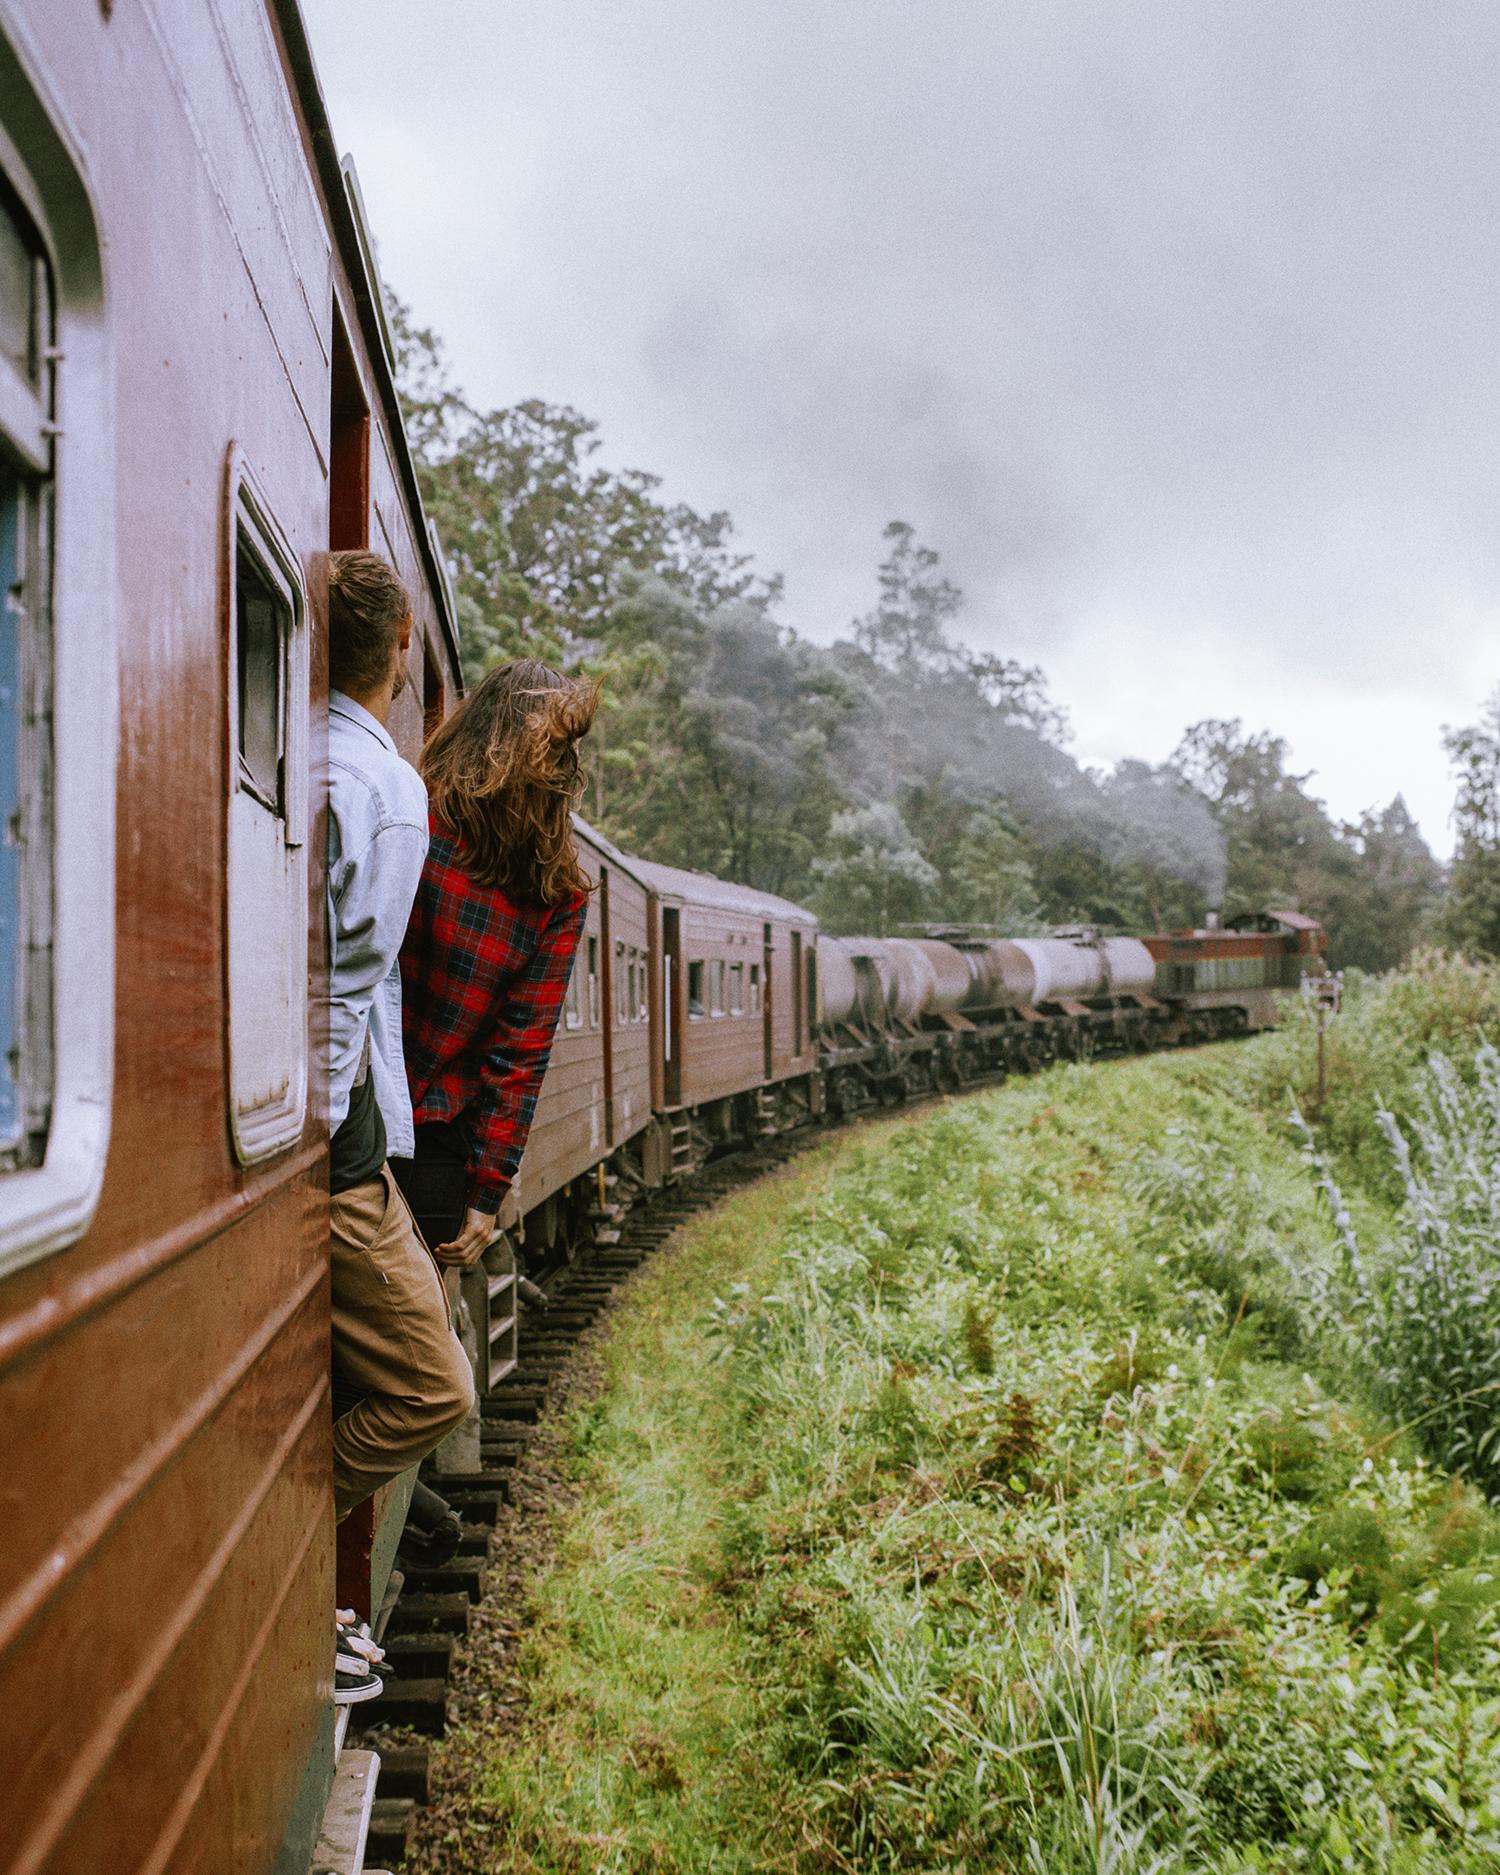 Train to Ella